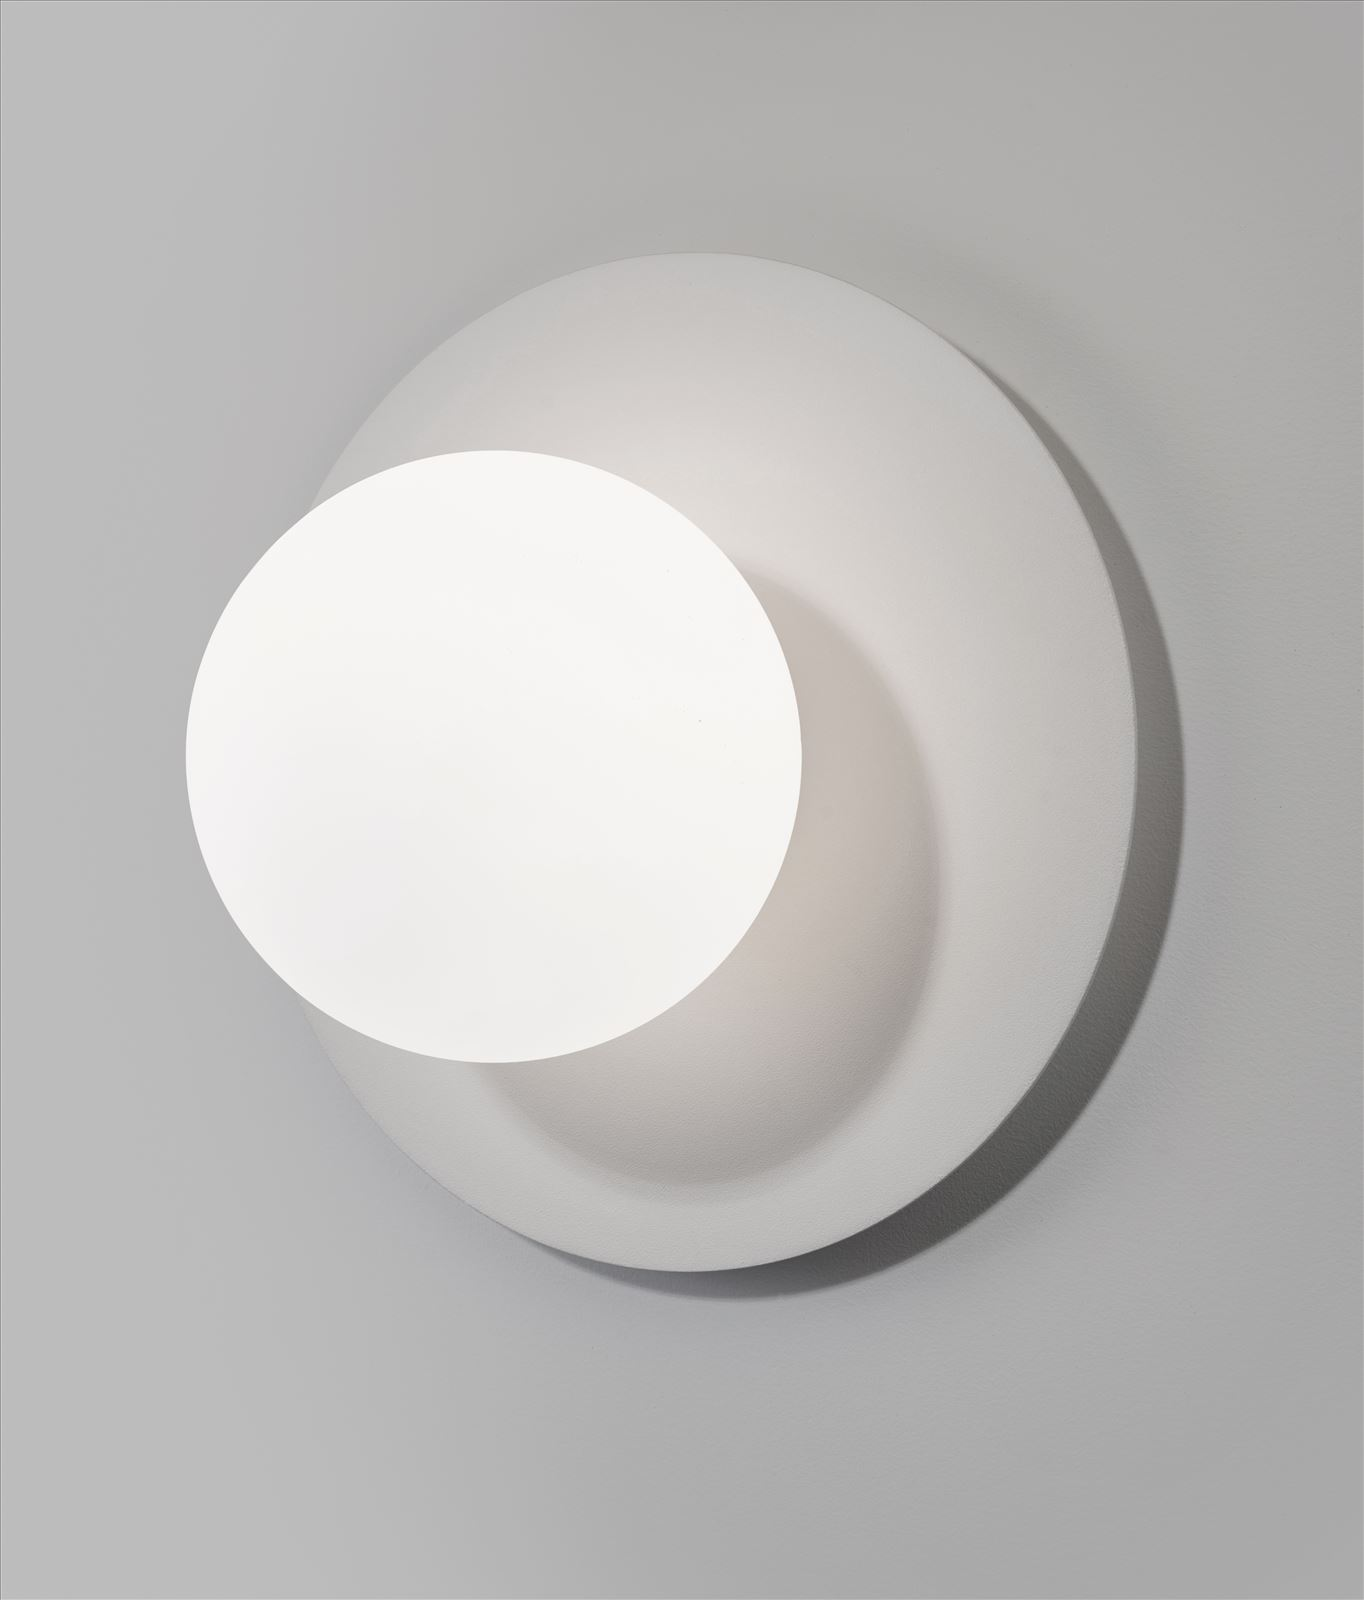 גופי תאורה בקטגוריית: צילינדרים  ,שם המוצר: ביליארד